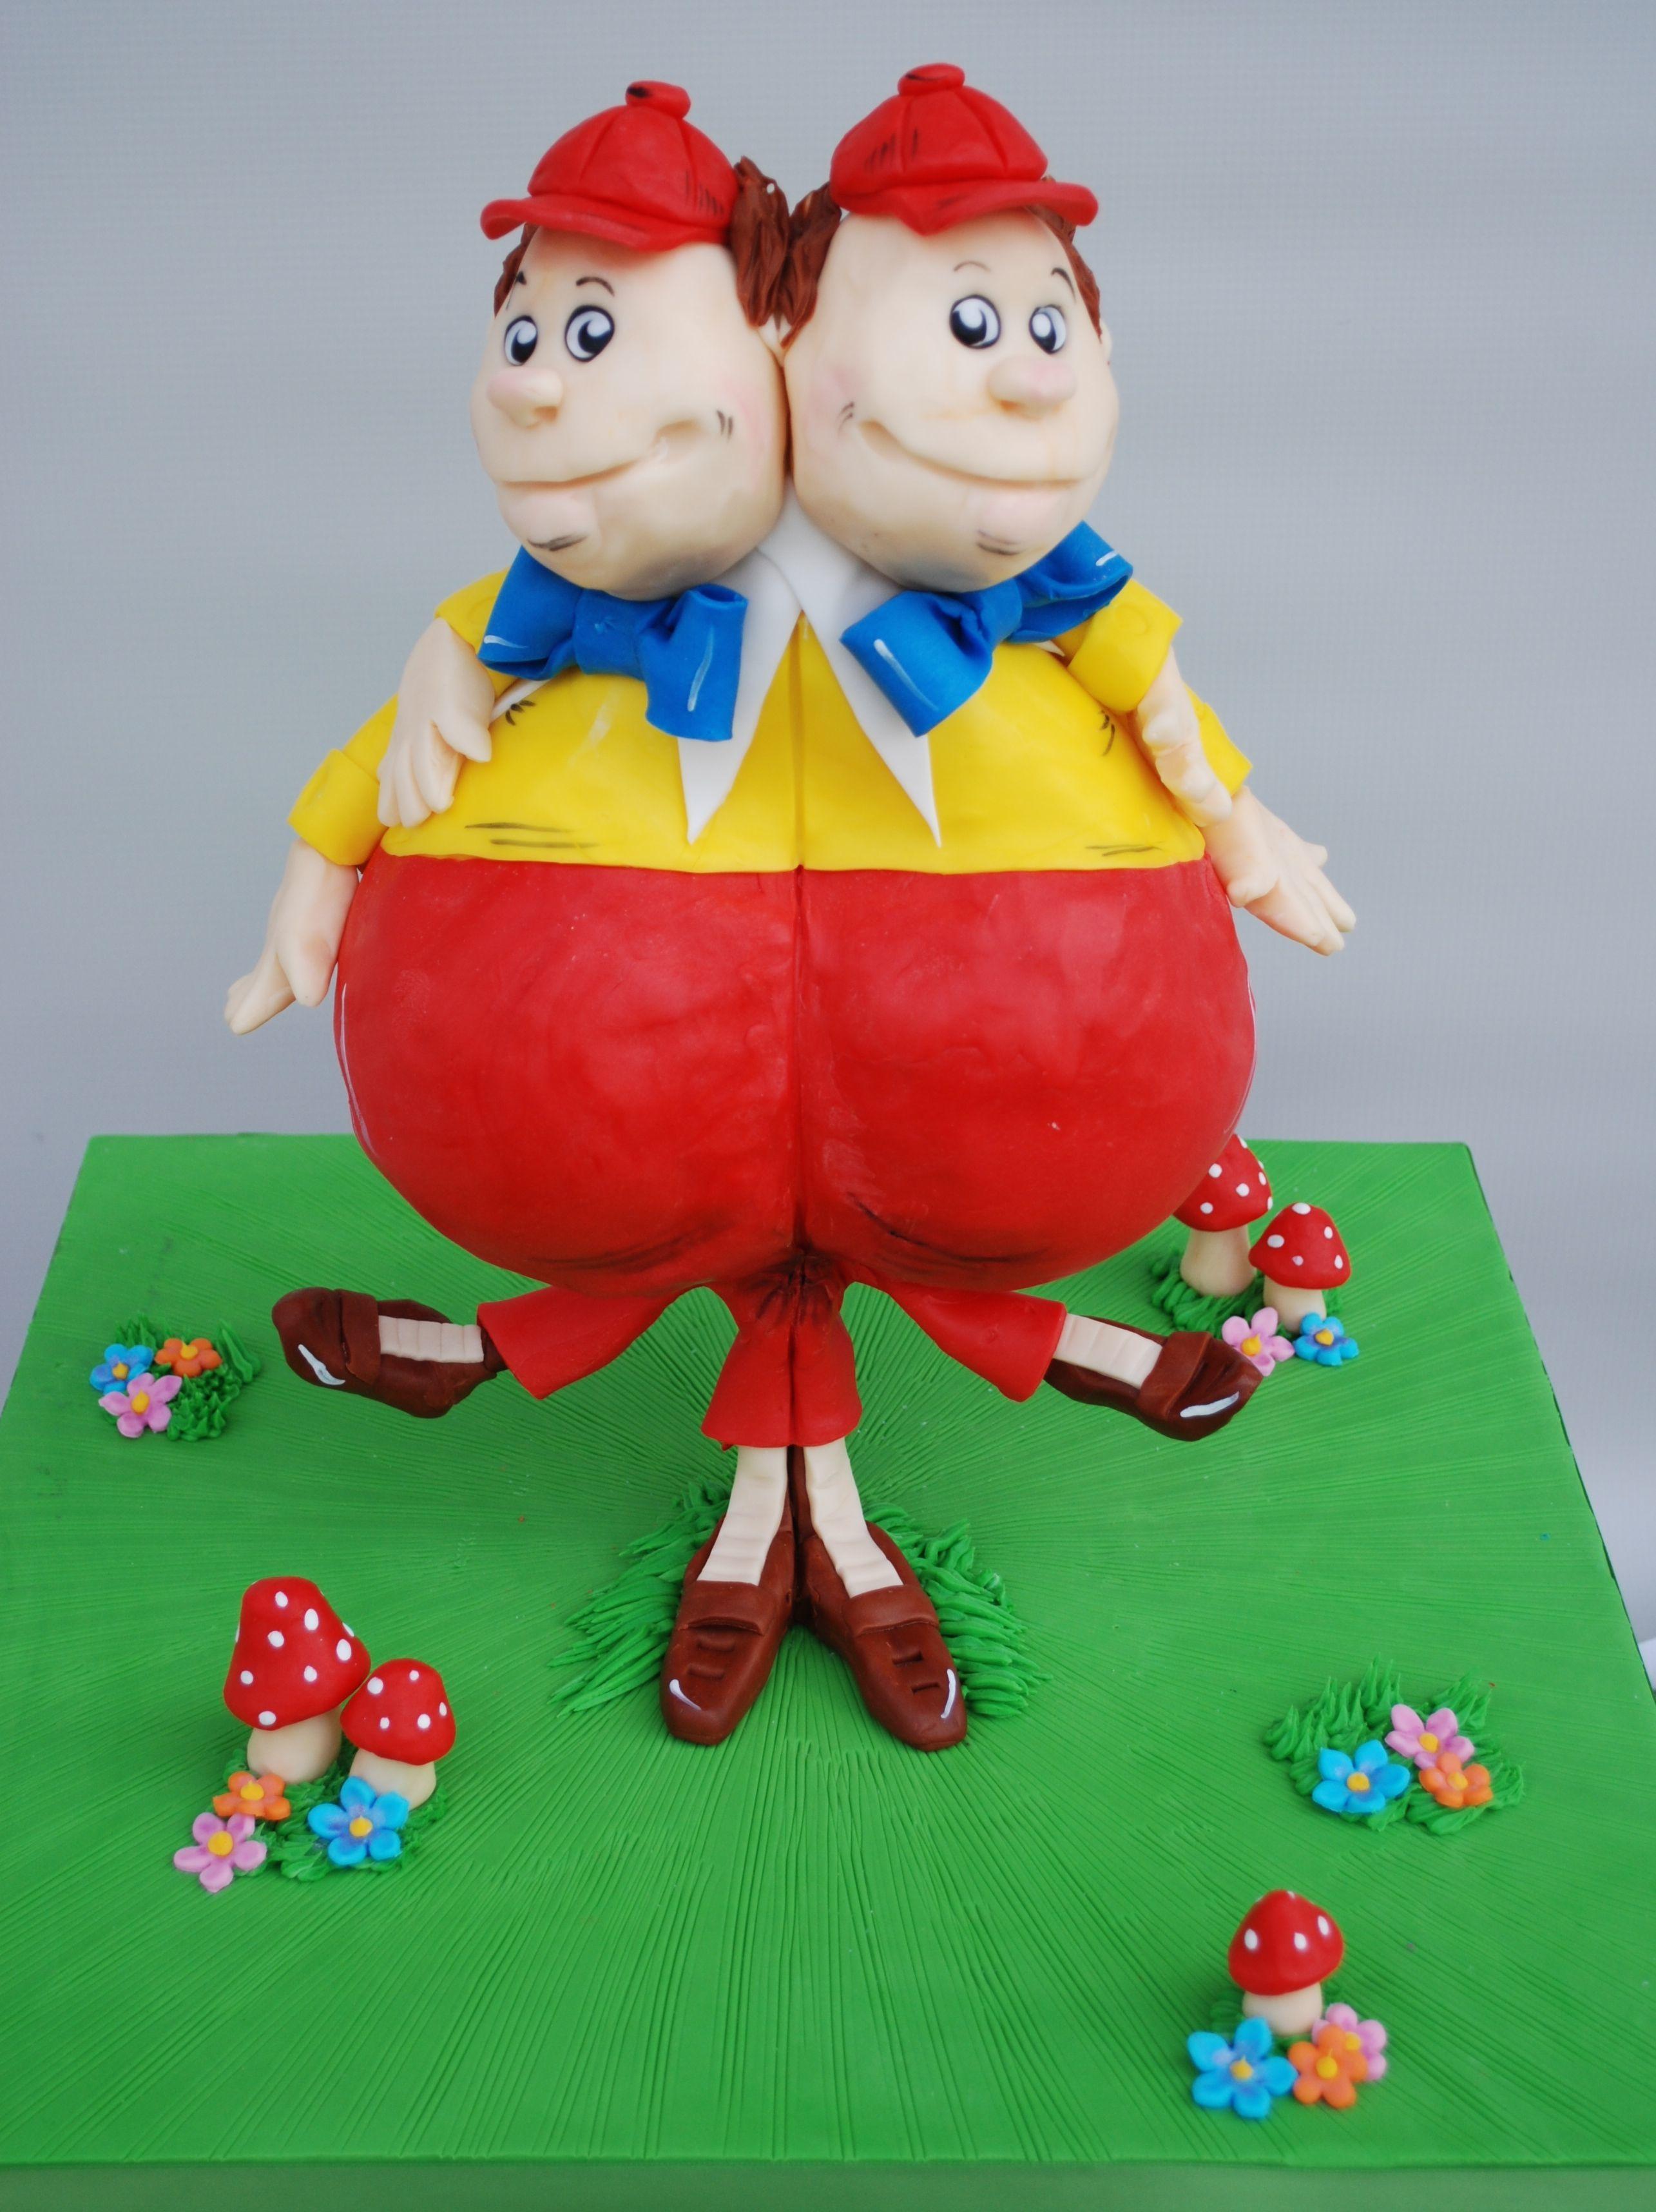 Tweedle Dee & Tweedle Dum